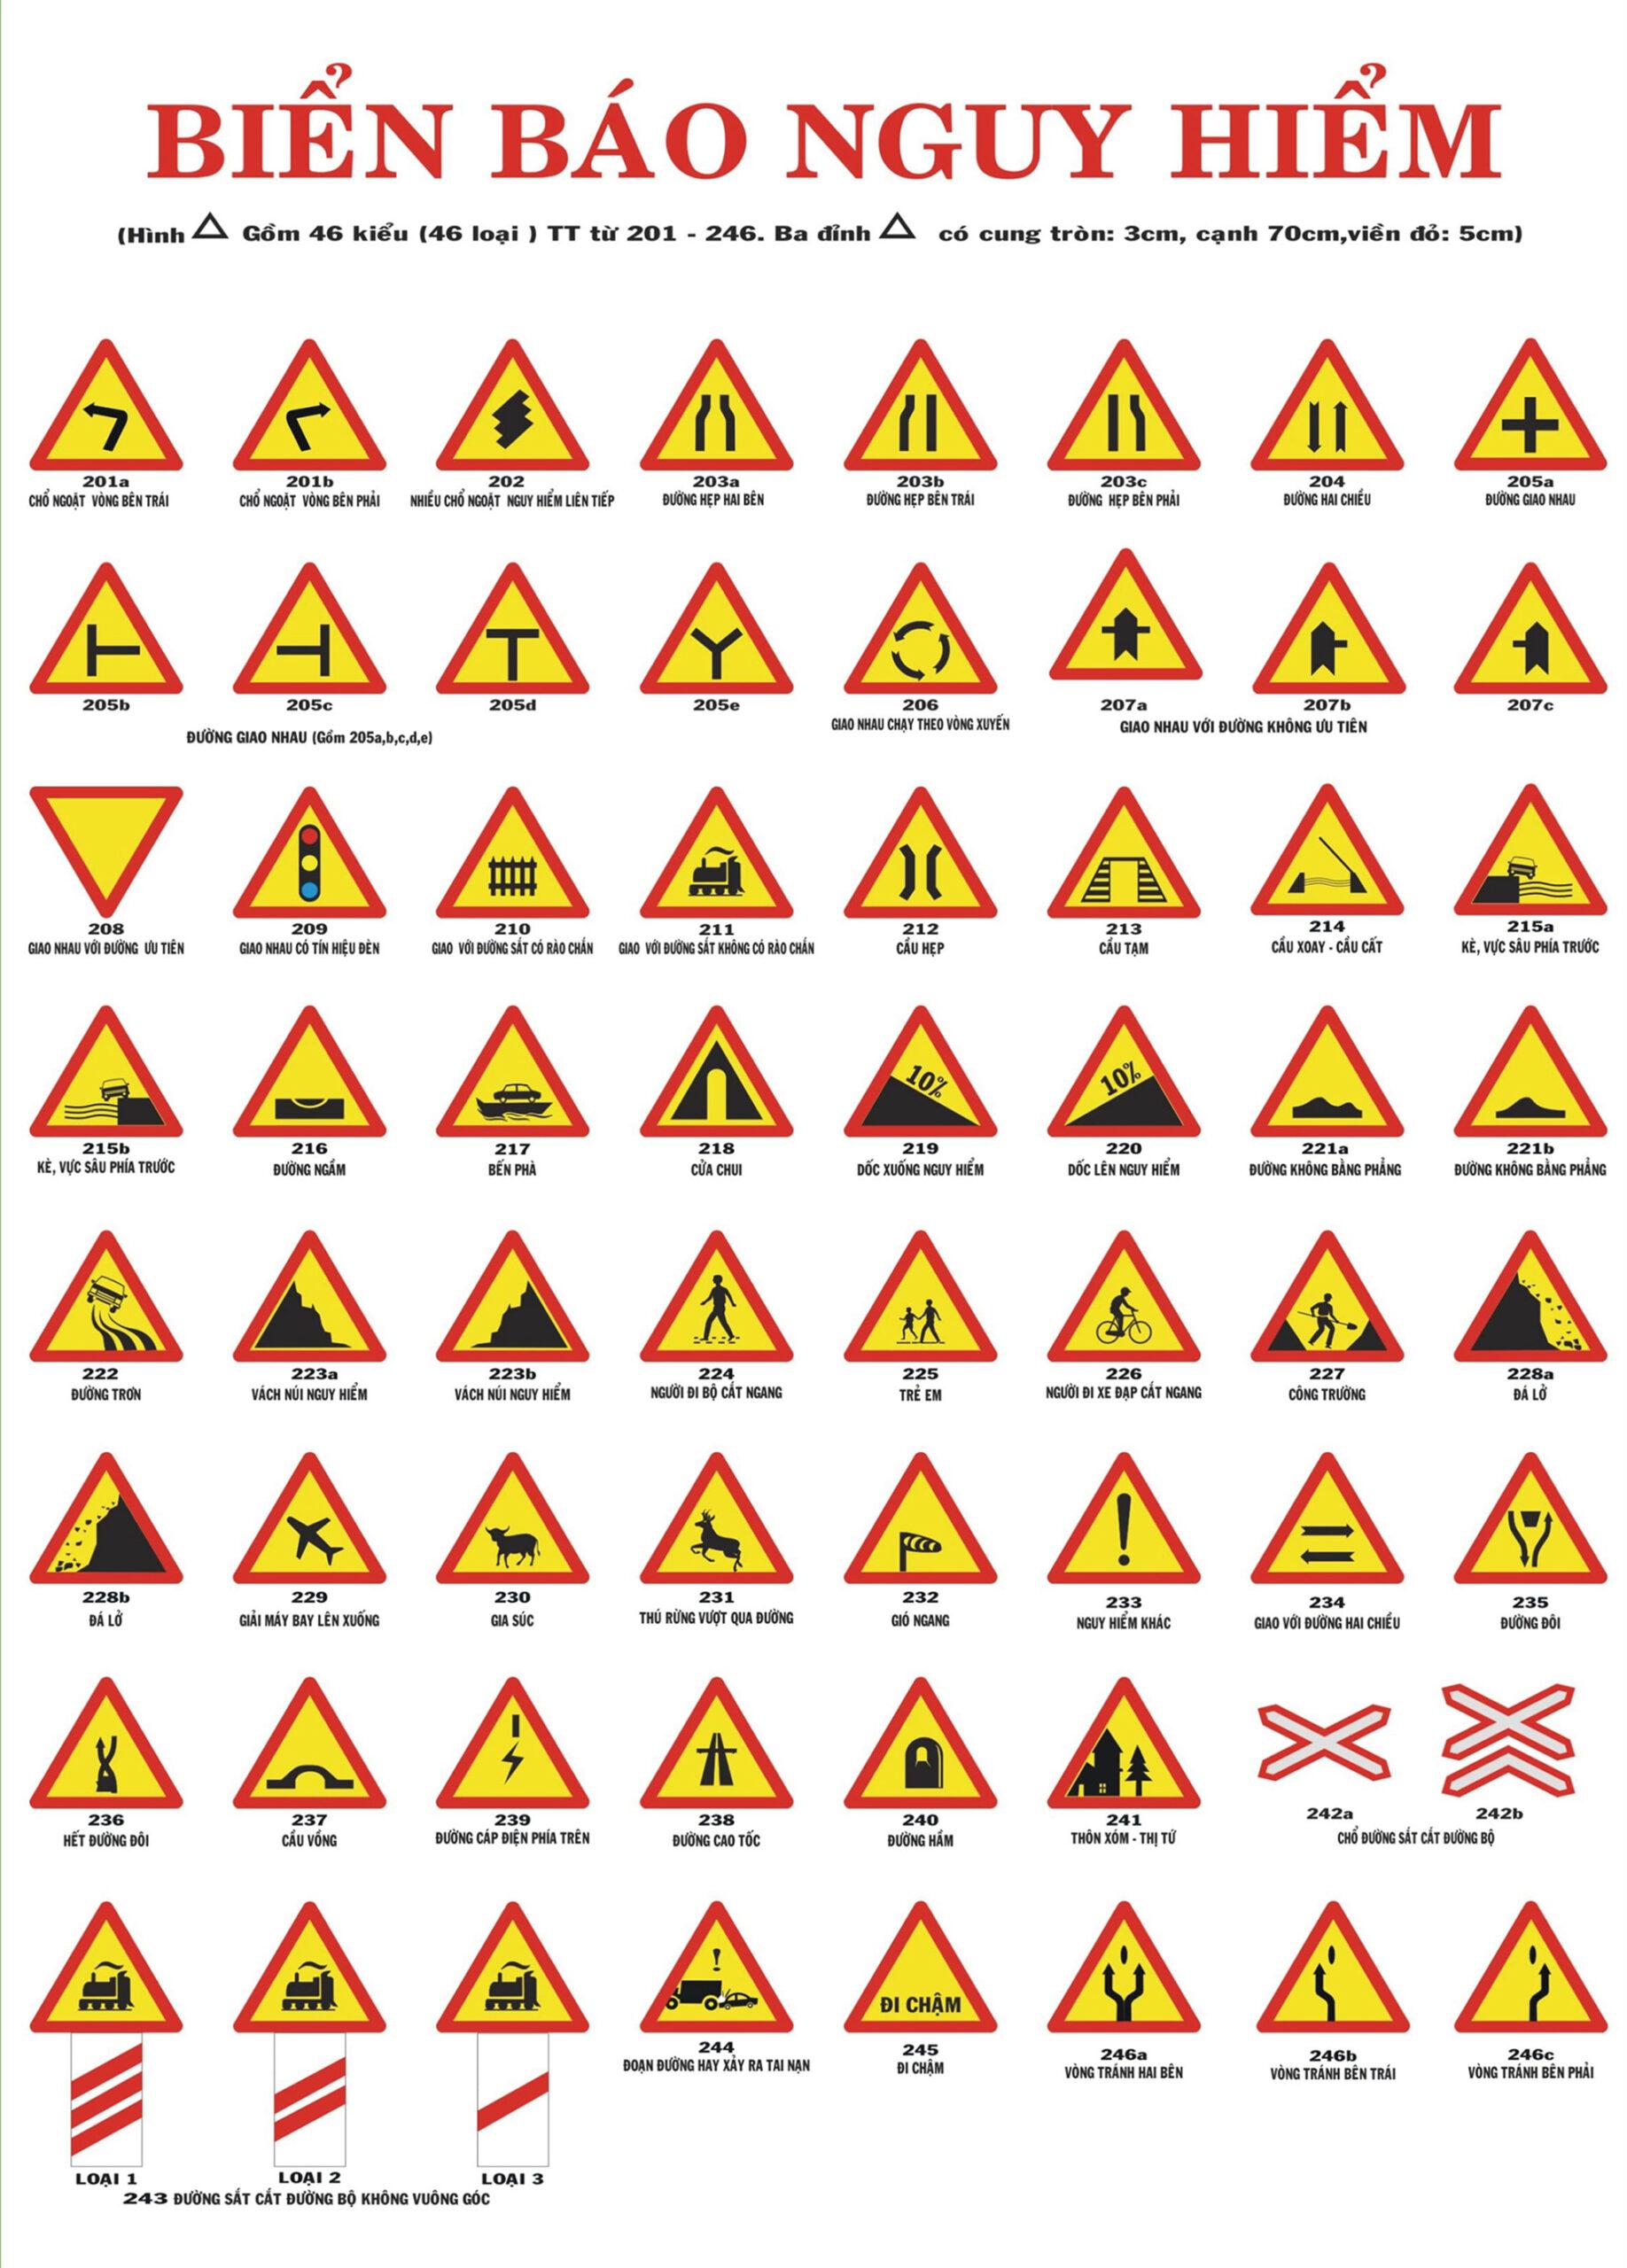 Nhóm biển báo nguy hiểm giao thông đường bộ